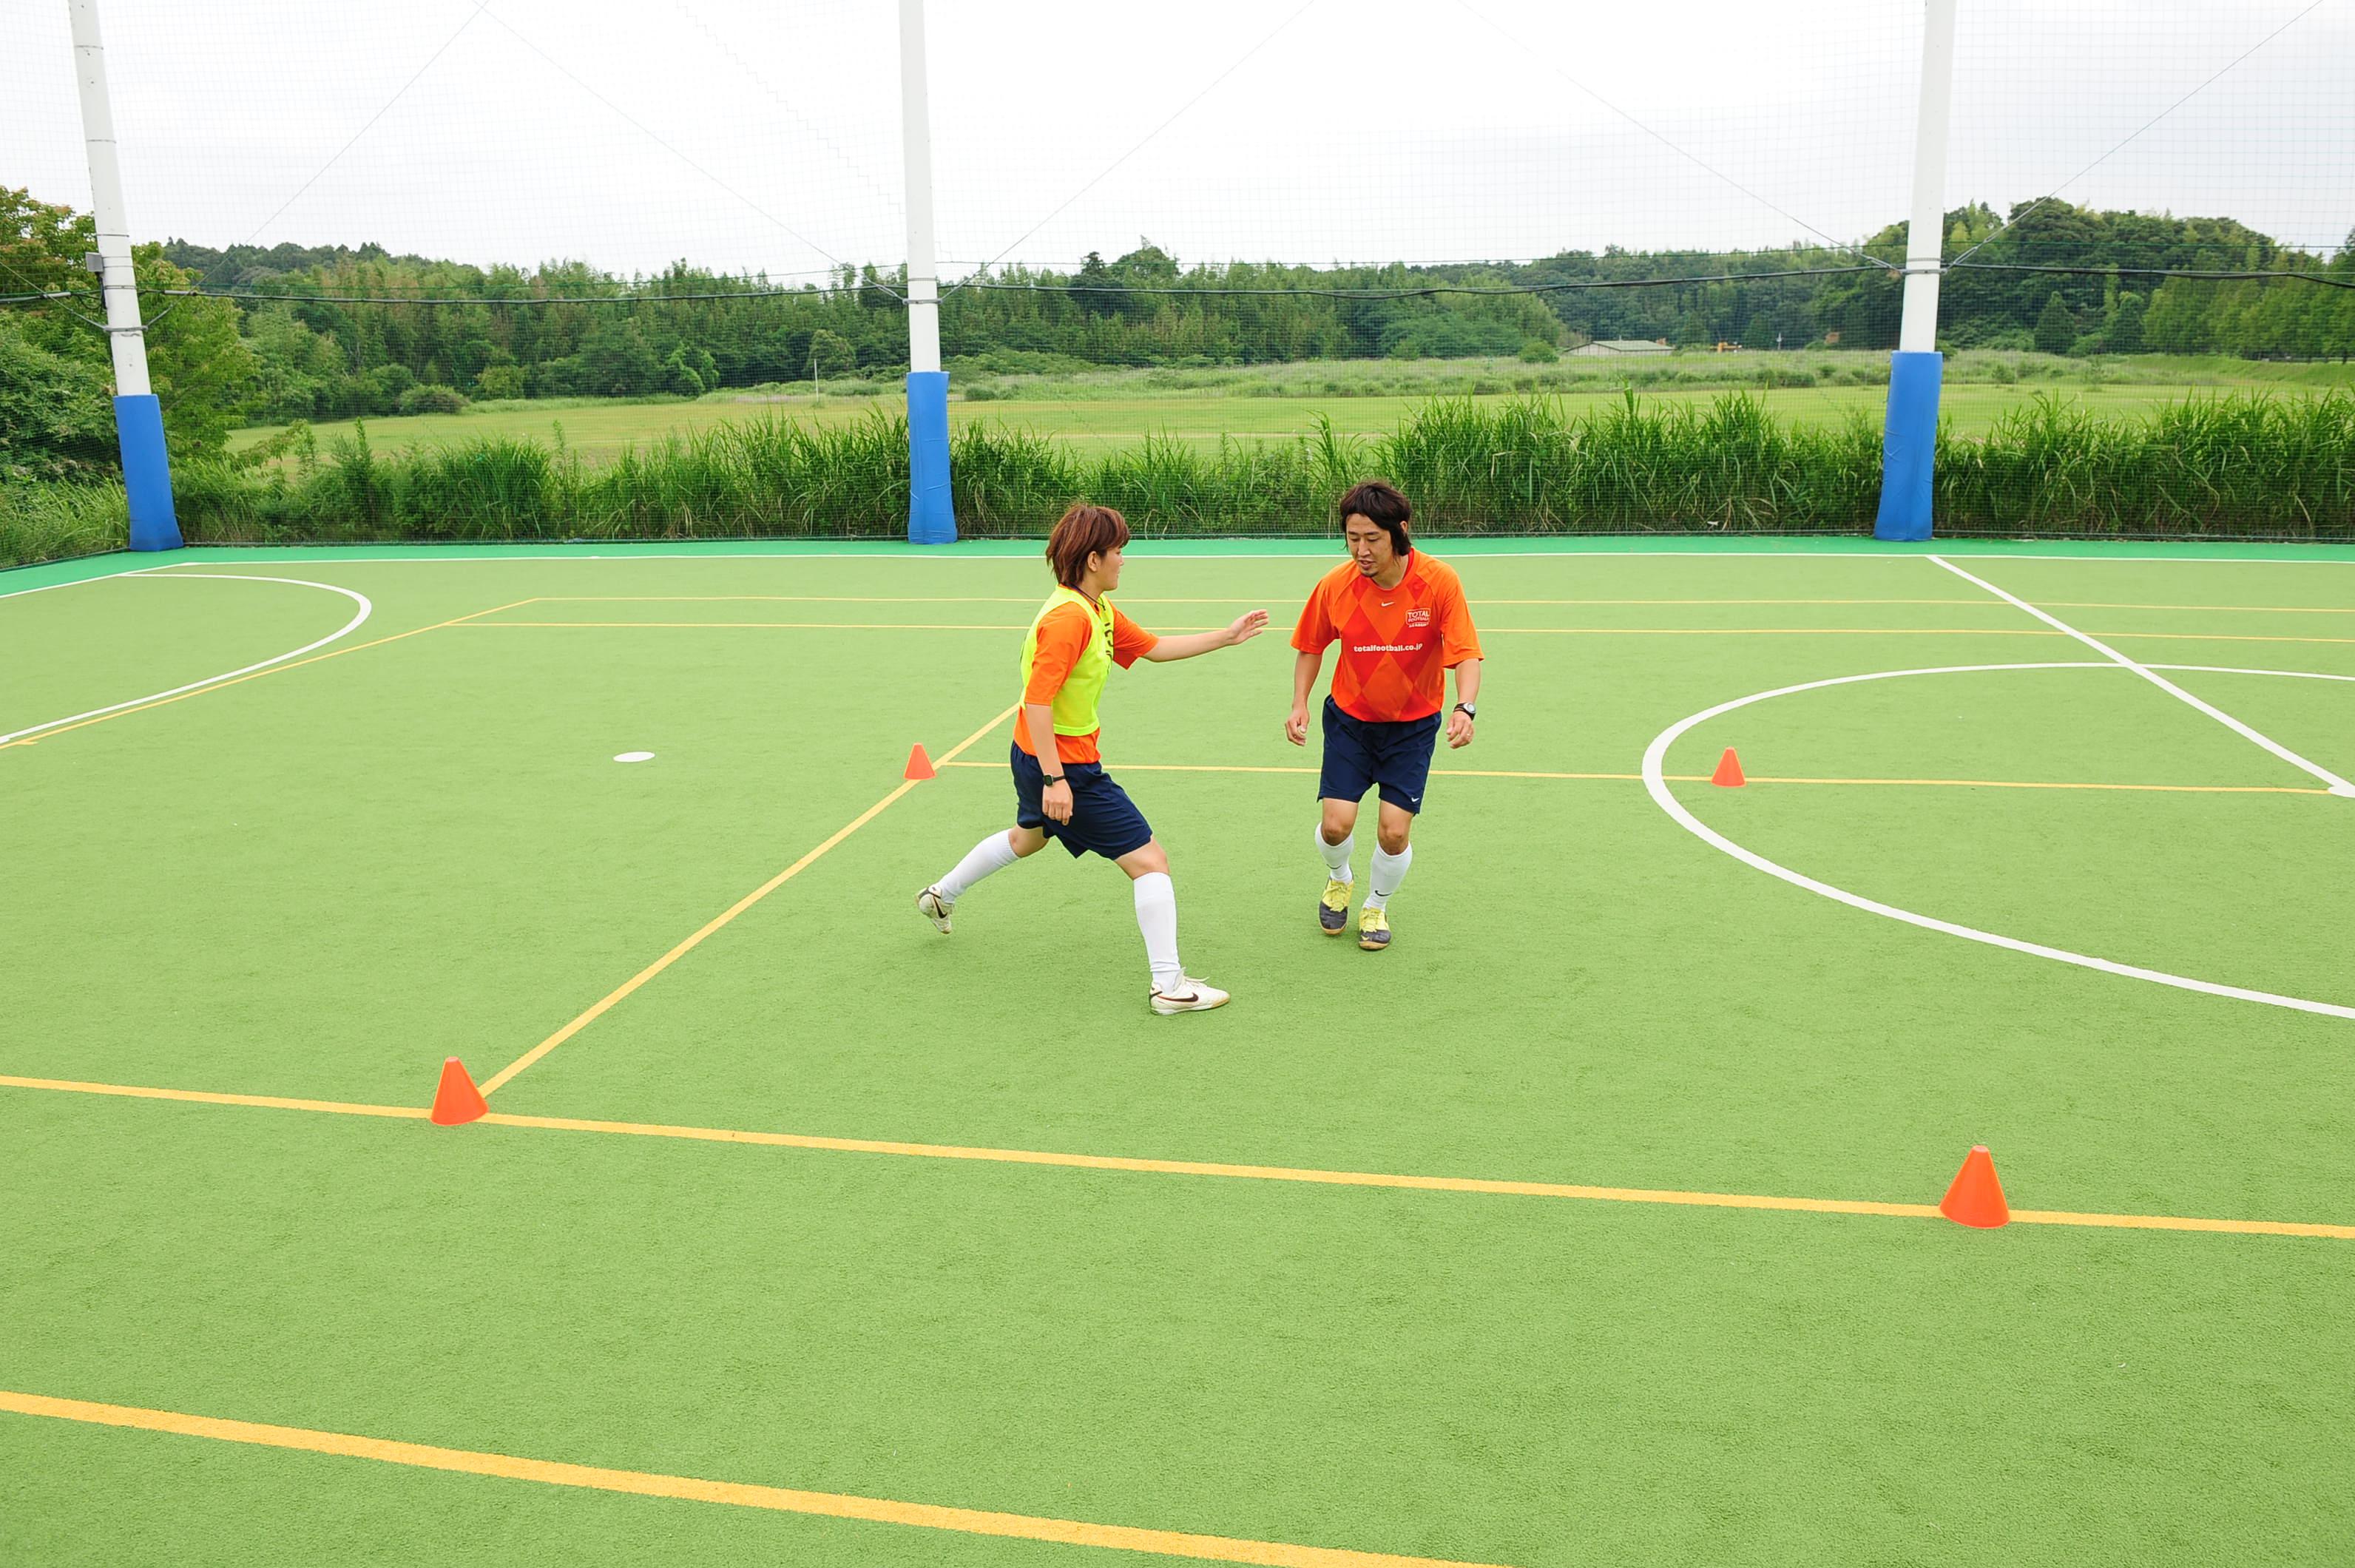 自分で考えるサッカーを子どもたちに。1対1の駆け引き